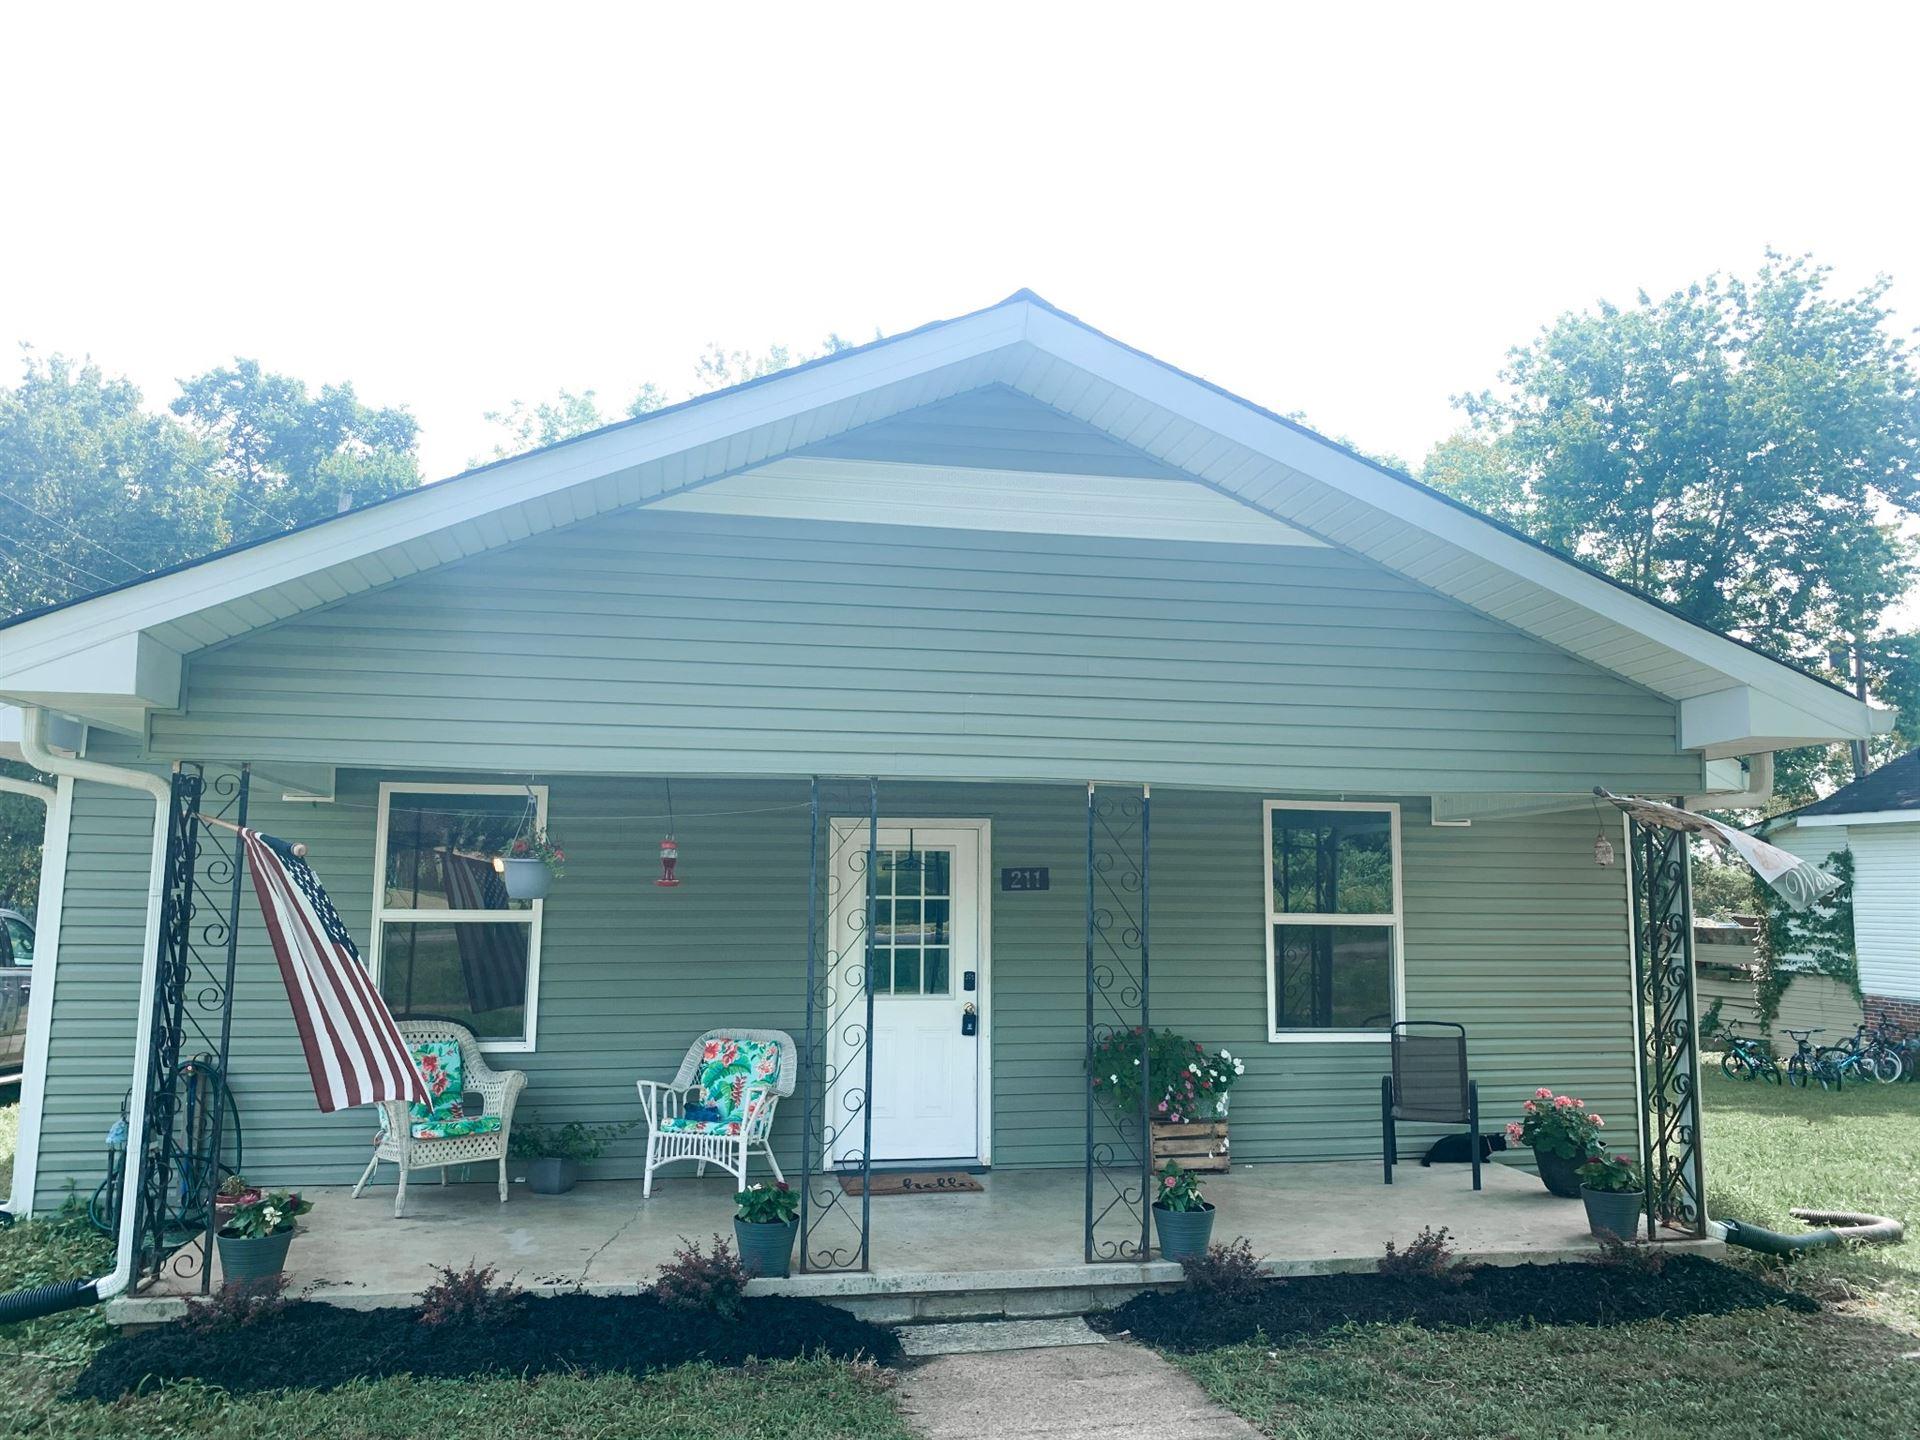 211 Shelbyville Mills Rd, Shelbyville, TN 37160 - MLS#: 2278450